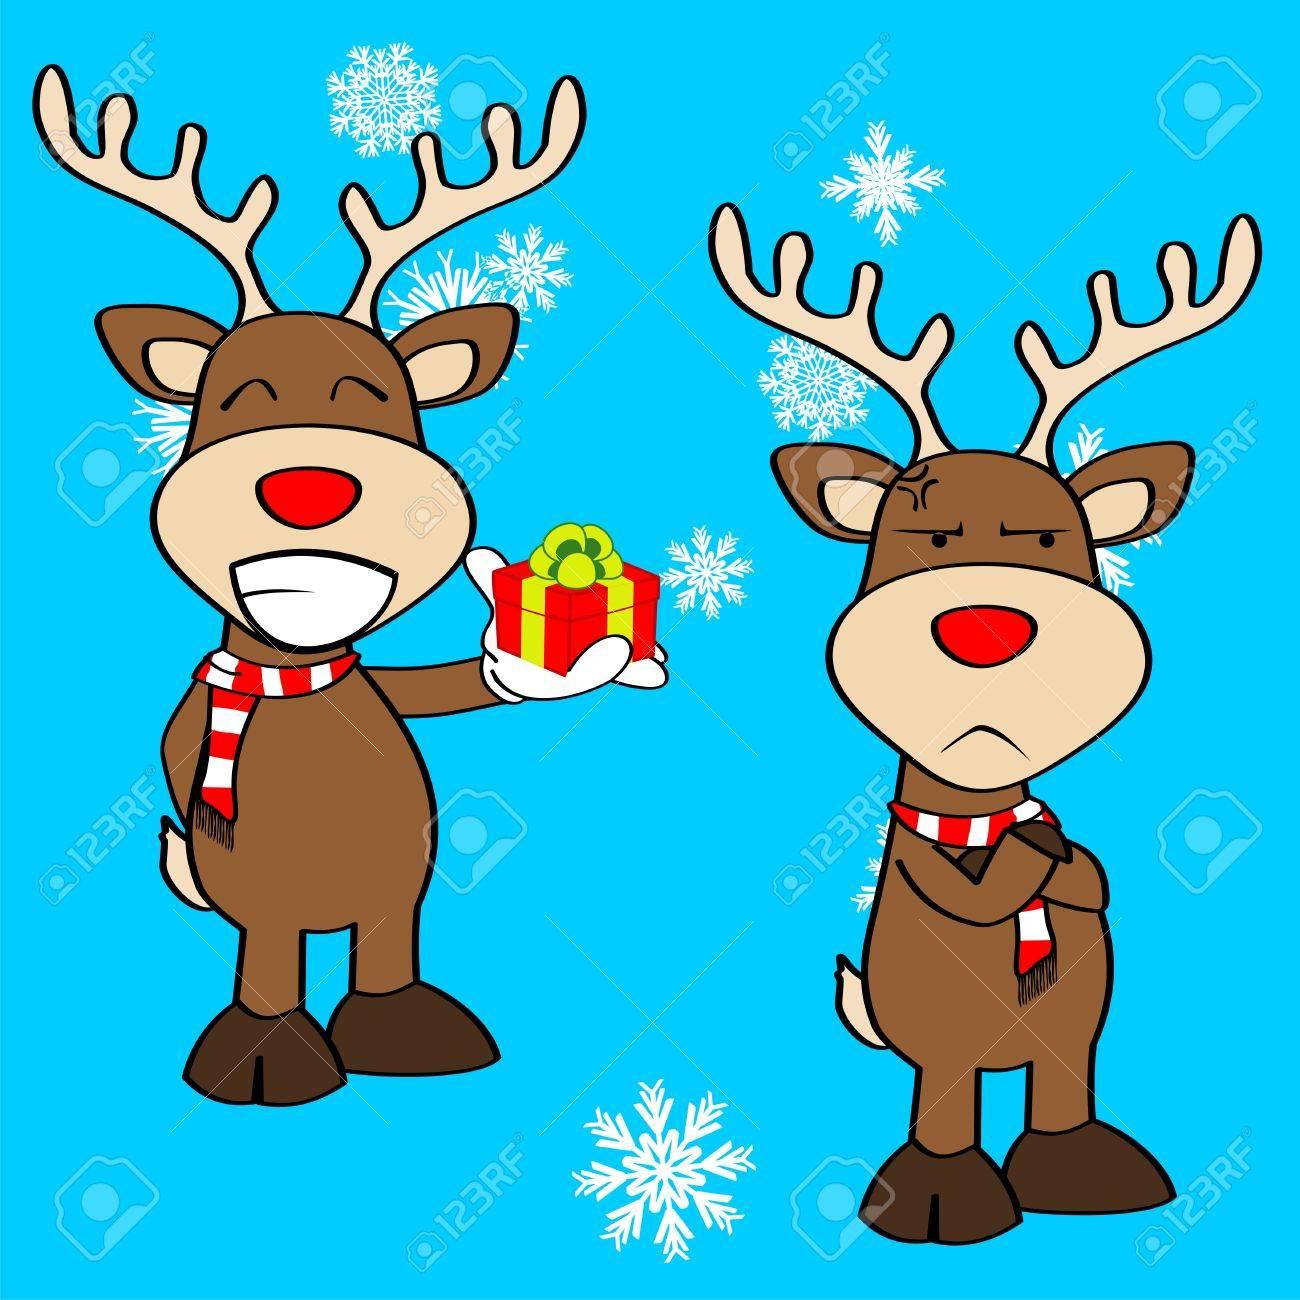 navidad expresin de dibujos animados de renos en formato vectorial muy fcil de editar foto de